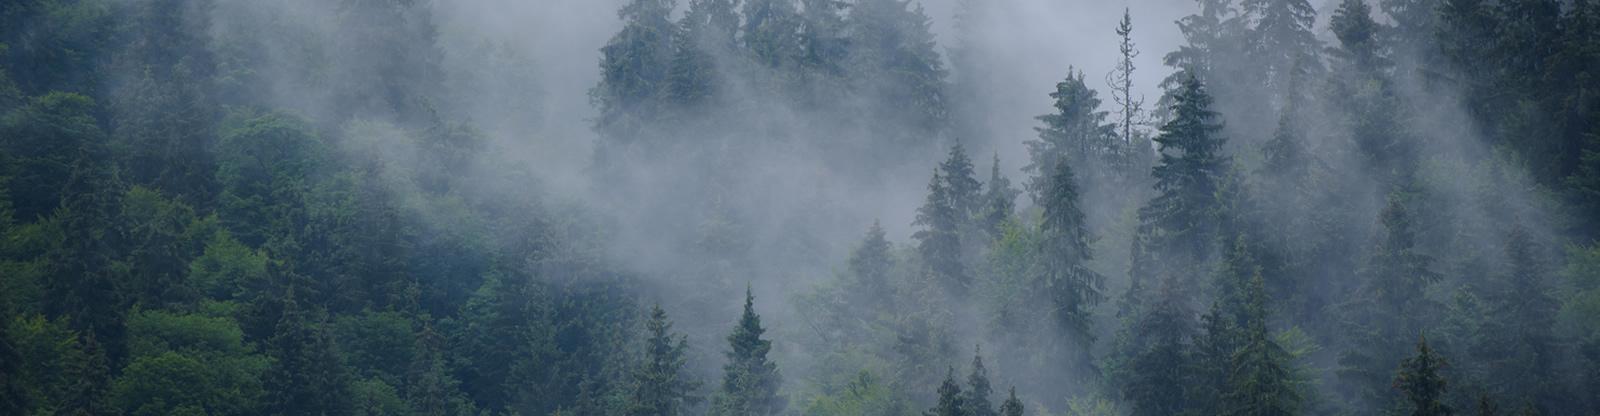 Cuando baja la niebla